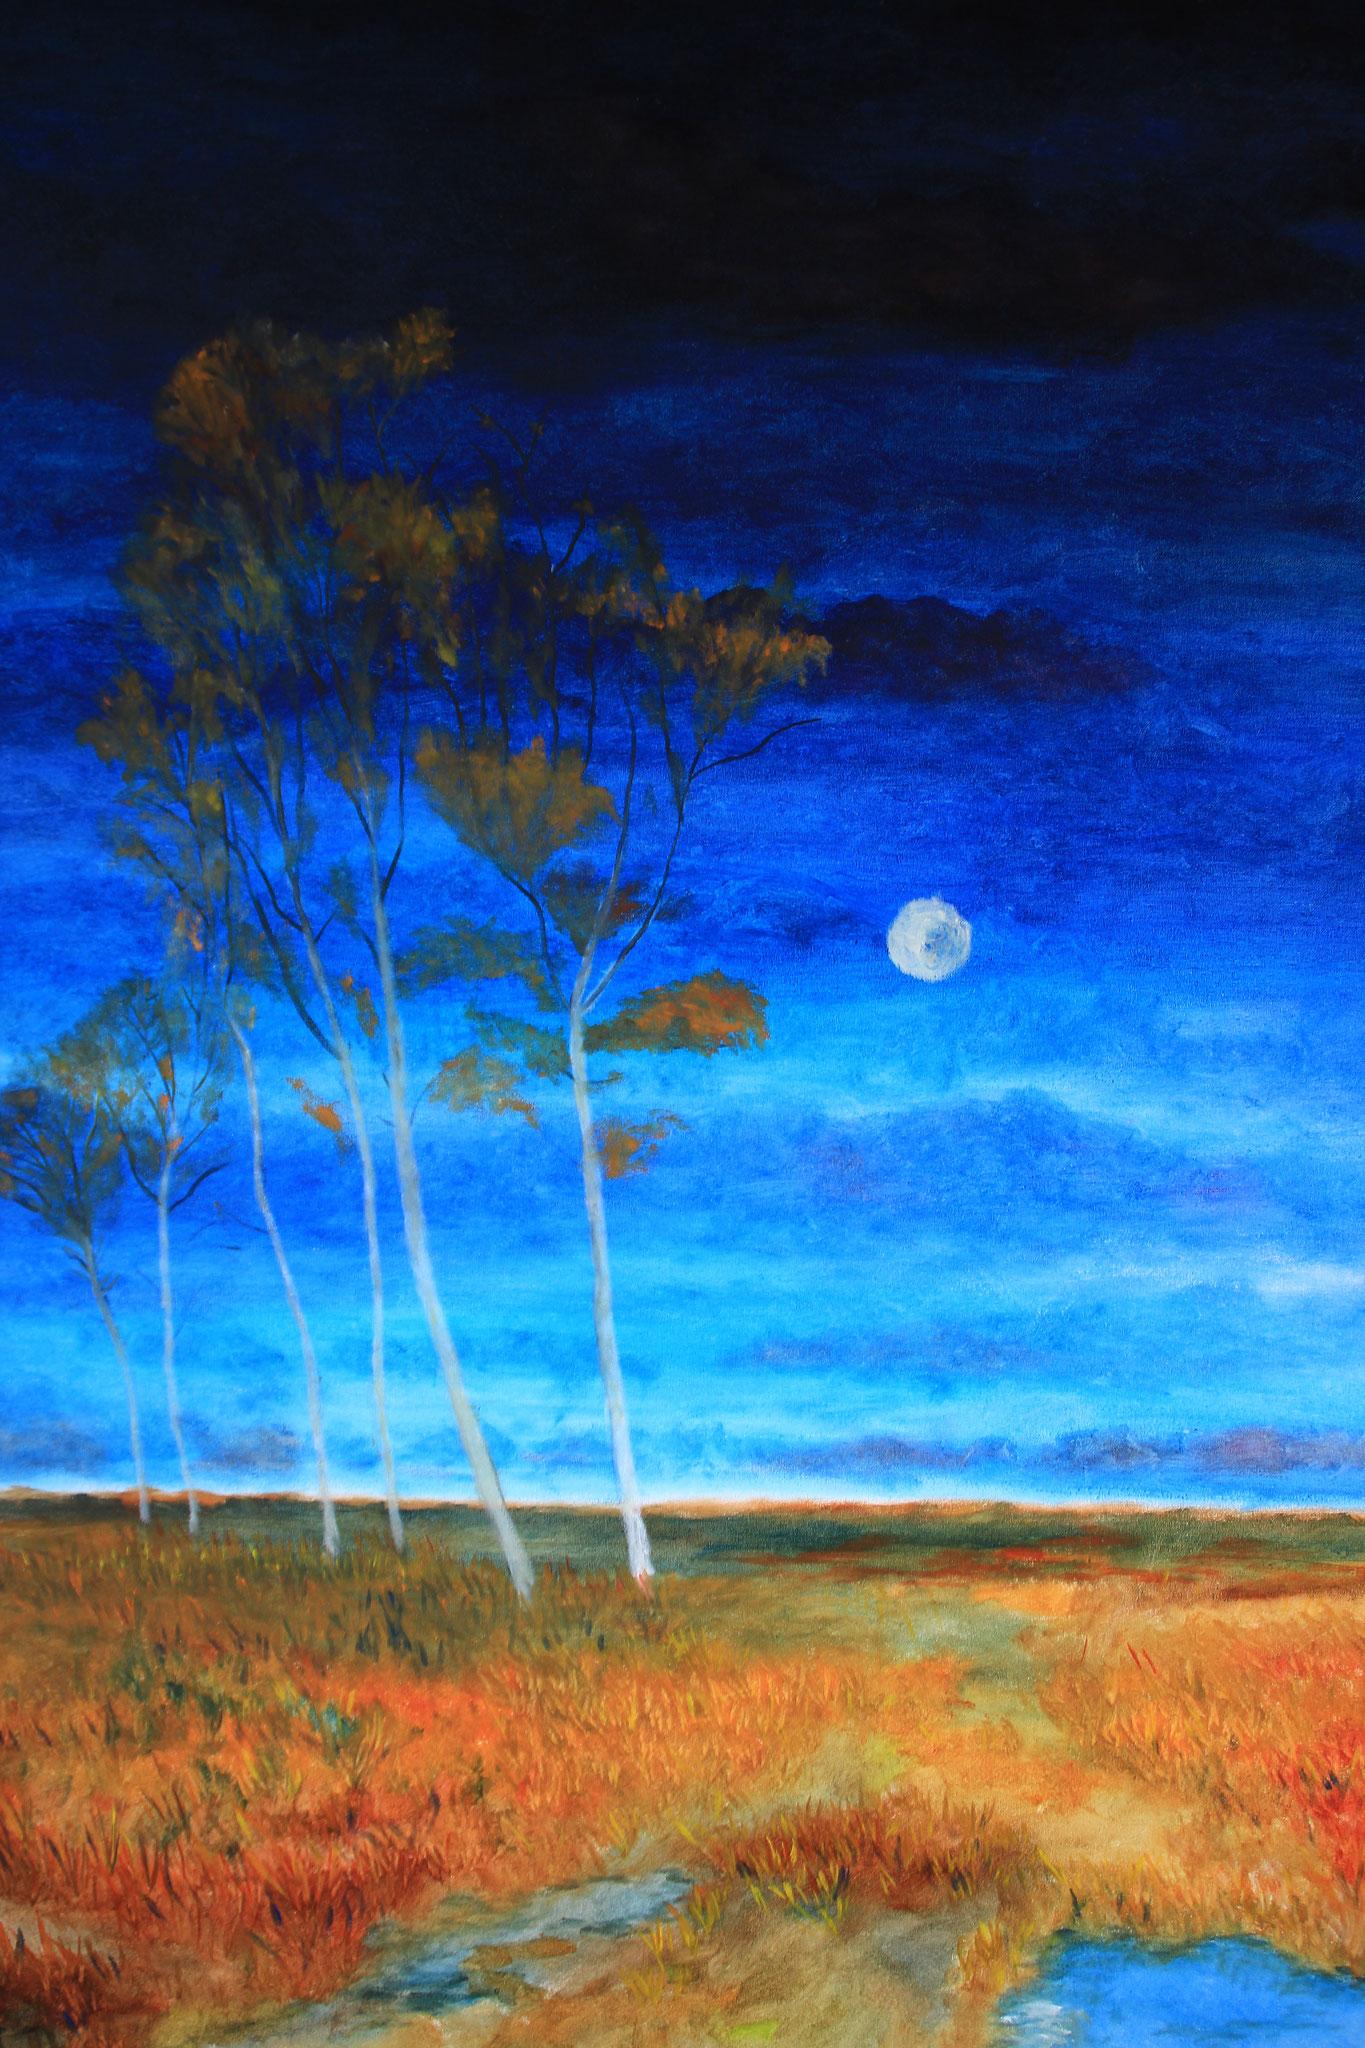 Berken met maan, naar Worpswede, olieverf 2017 (239)